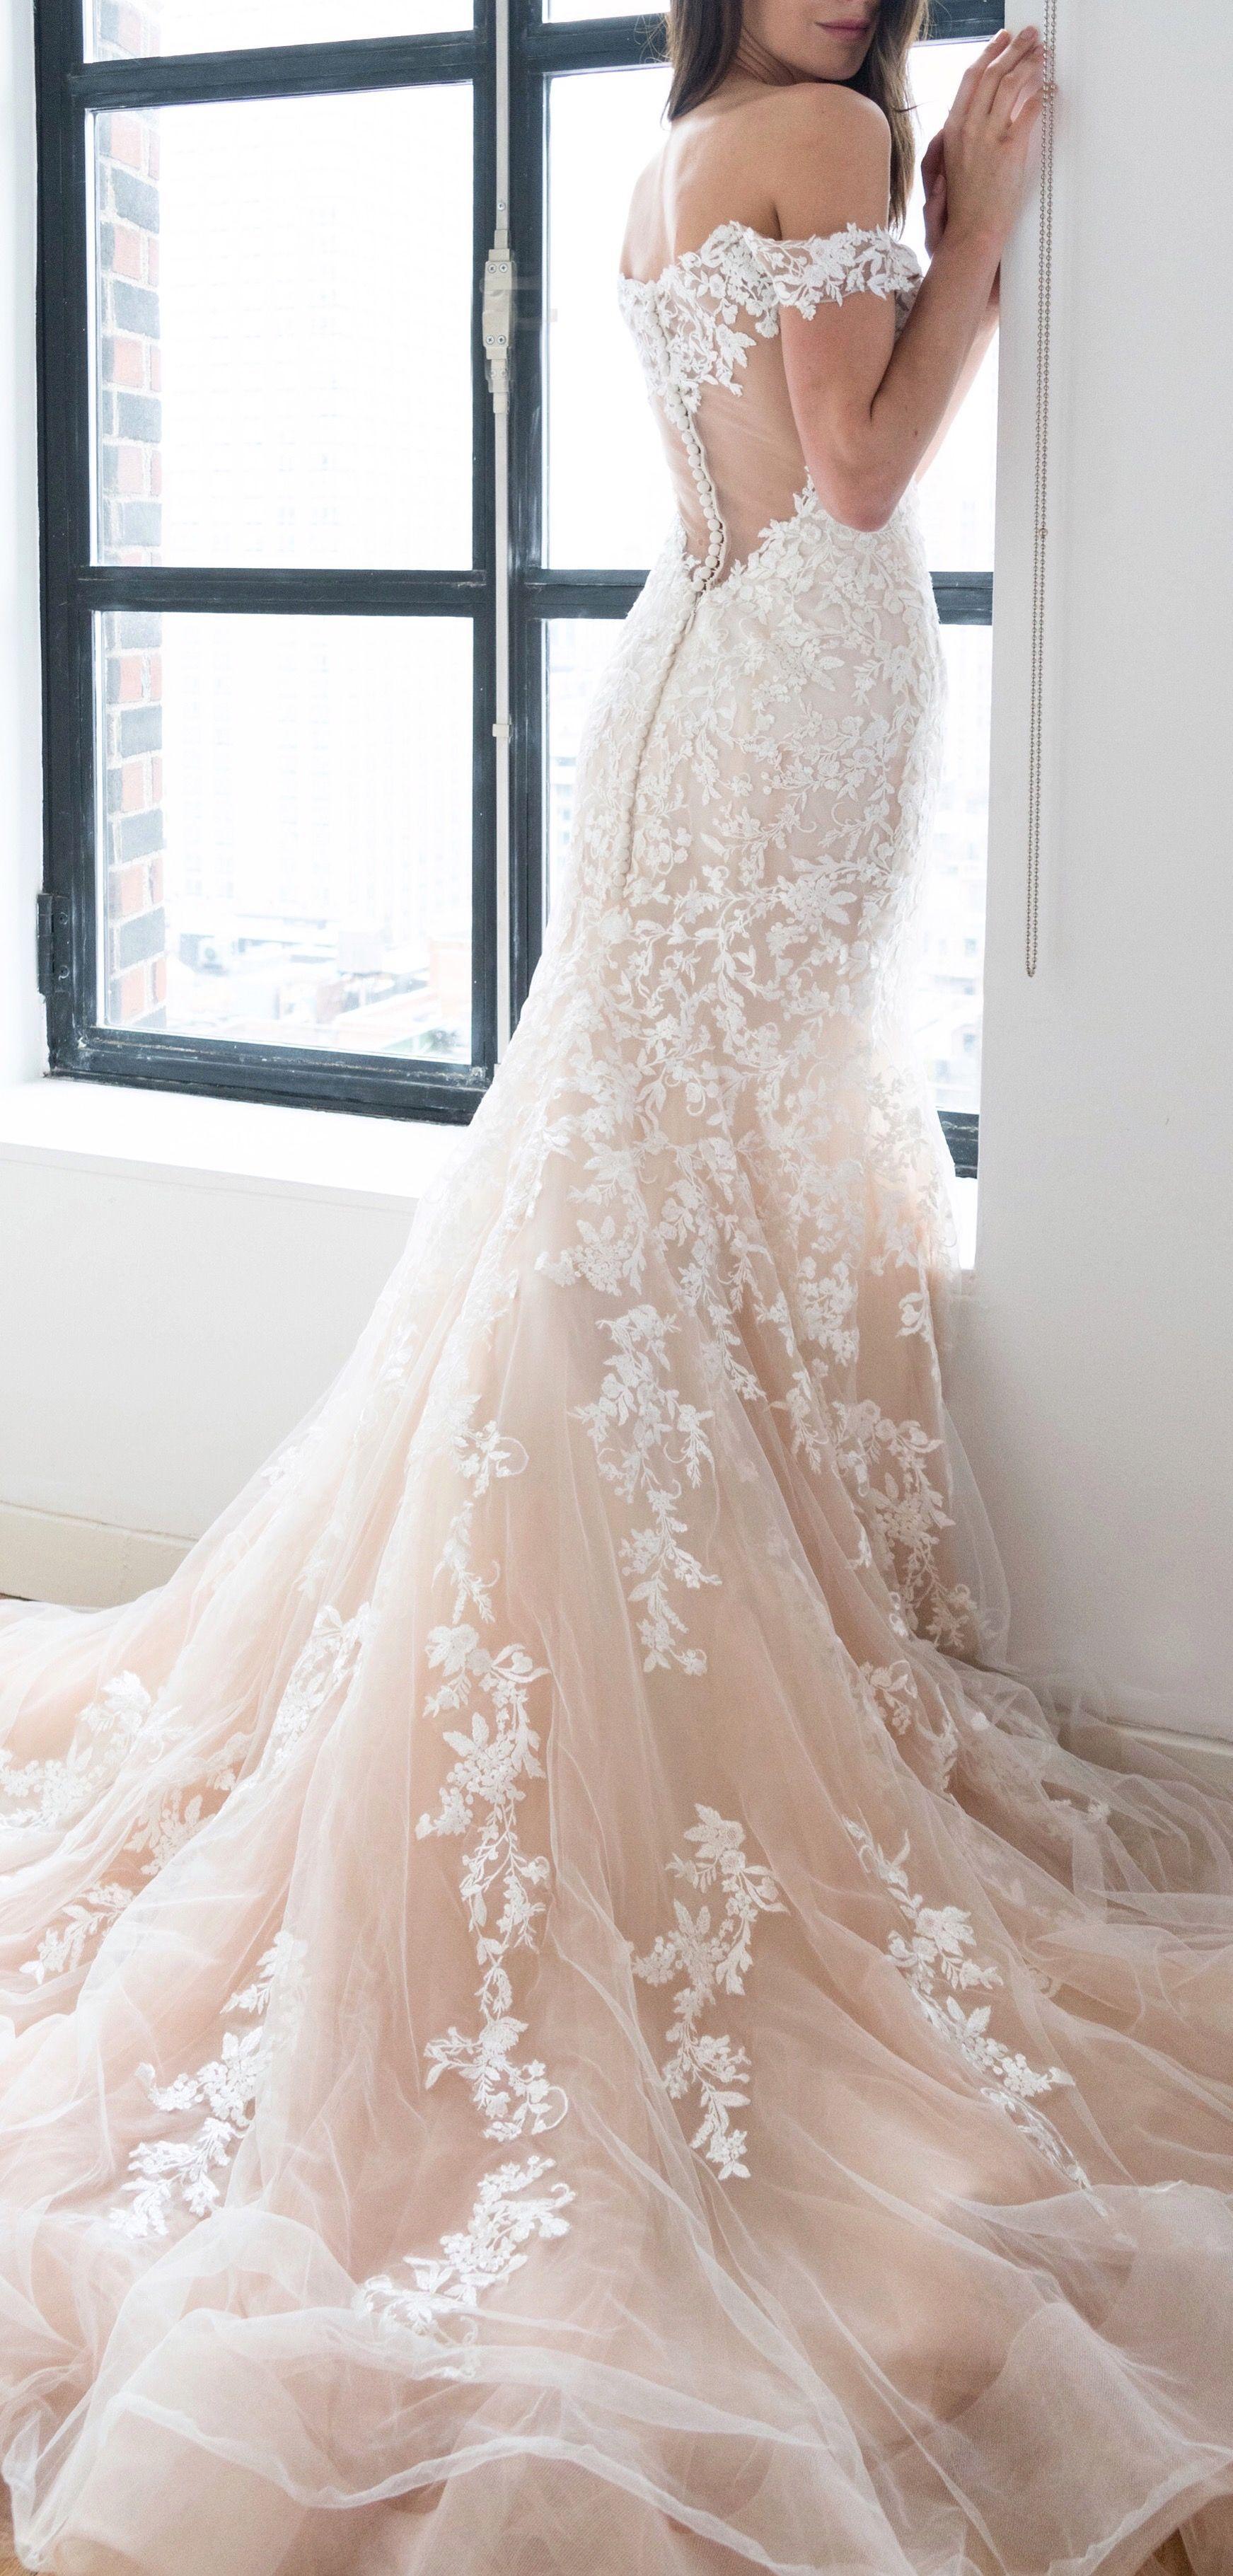 Luna  Kleider hochzeit, Hochzeitskleid, Kleid hochzeit